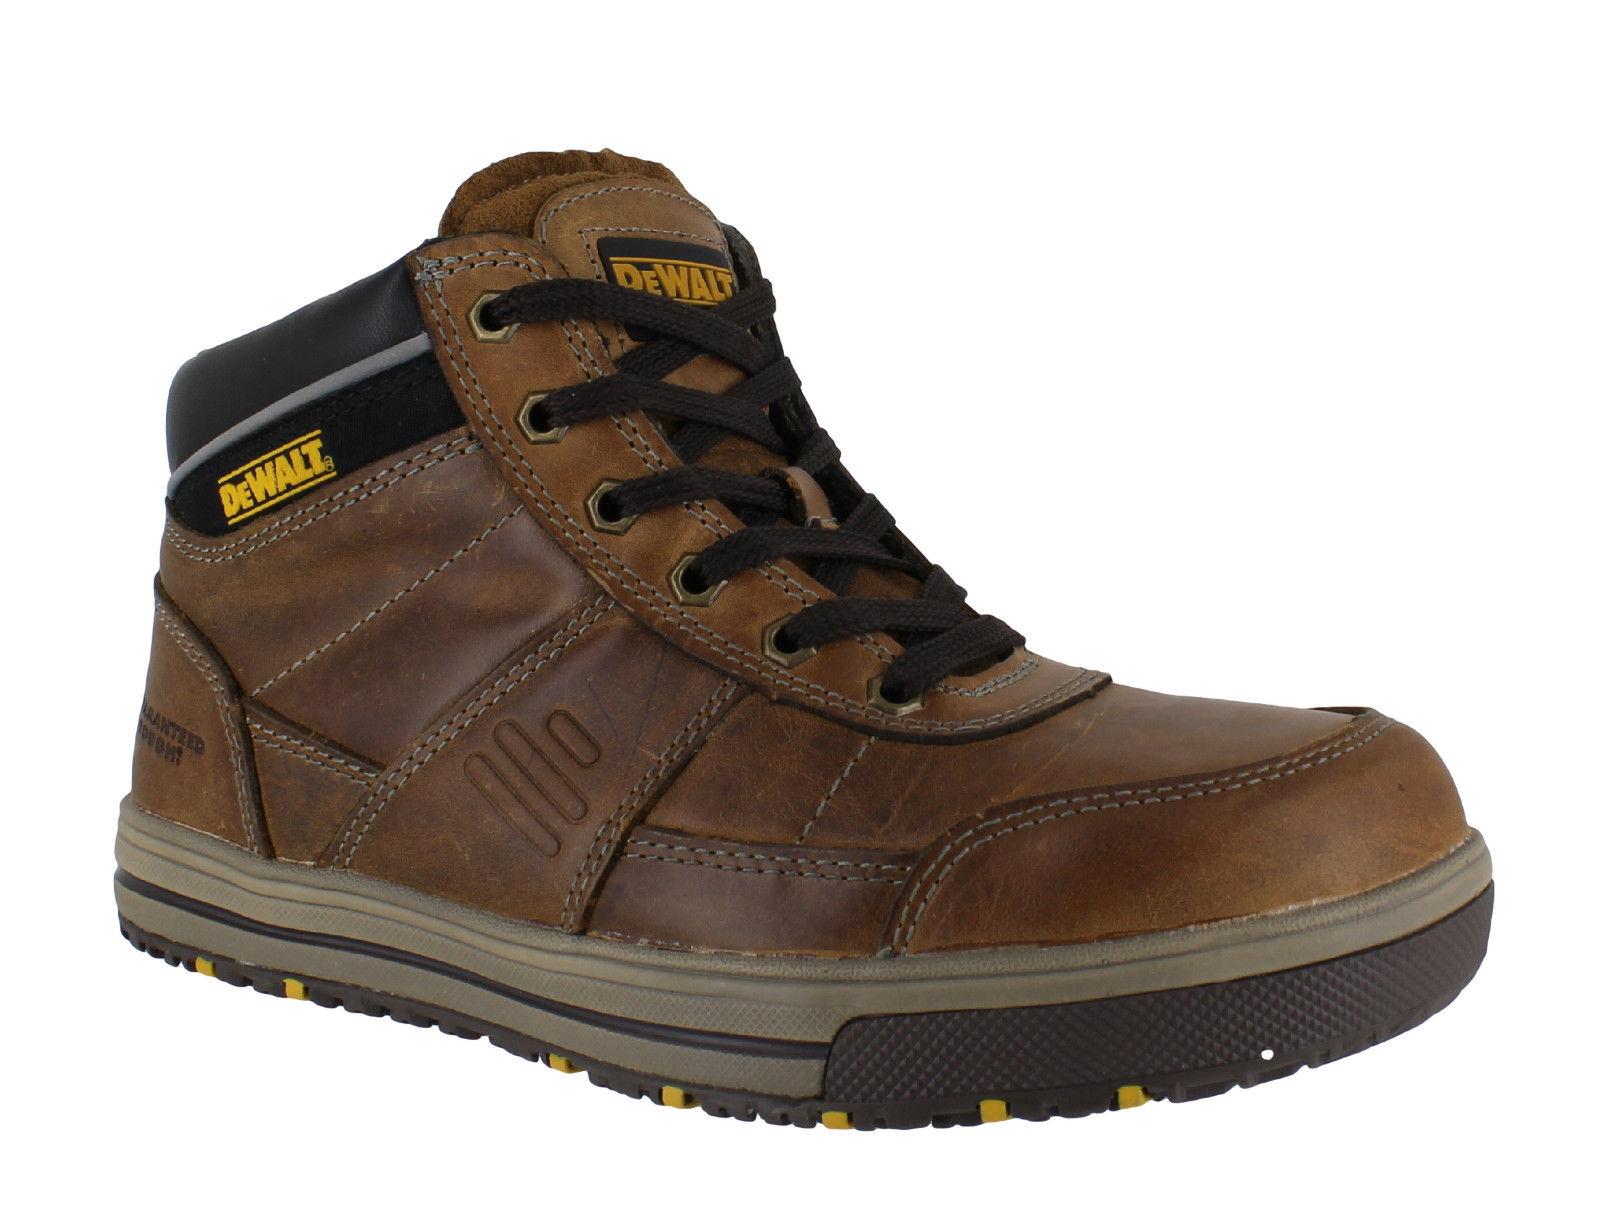 Mens DeWalt Radial Steel Toe SBP Safety Dealer Slip On Work Boots Sizes 6 to 12